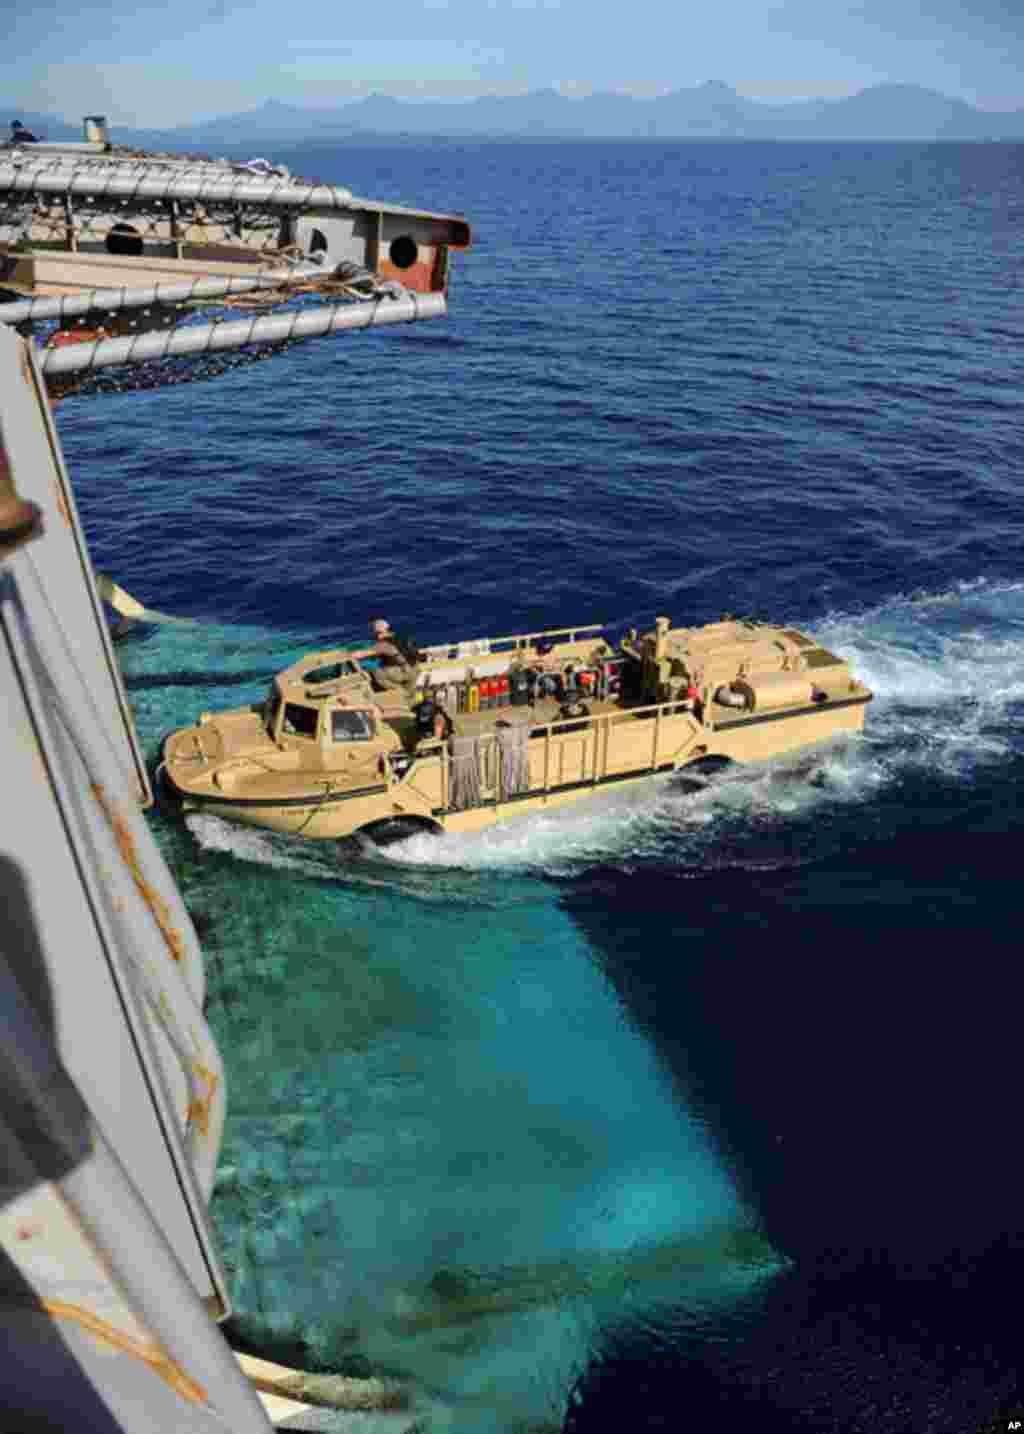 菲律賓蘇祿灣 (2012年4月21日) 一艘登陸衝鋒搜救艇進入兩棲運輸艦丹佛號船艙。丹佛號是參加美菲2012肩並肩聯合軍演的兩棲運輸艦之一。